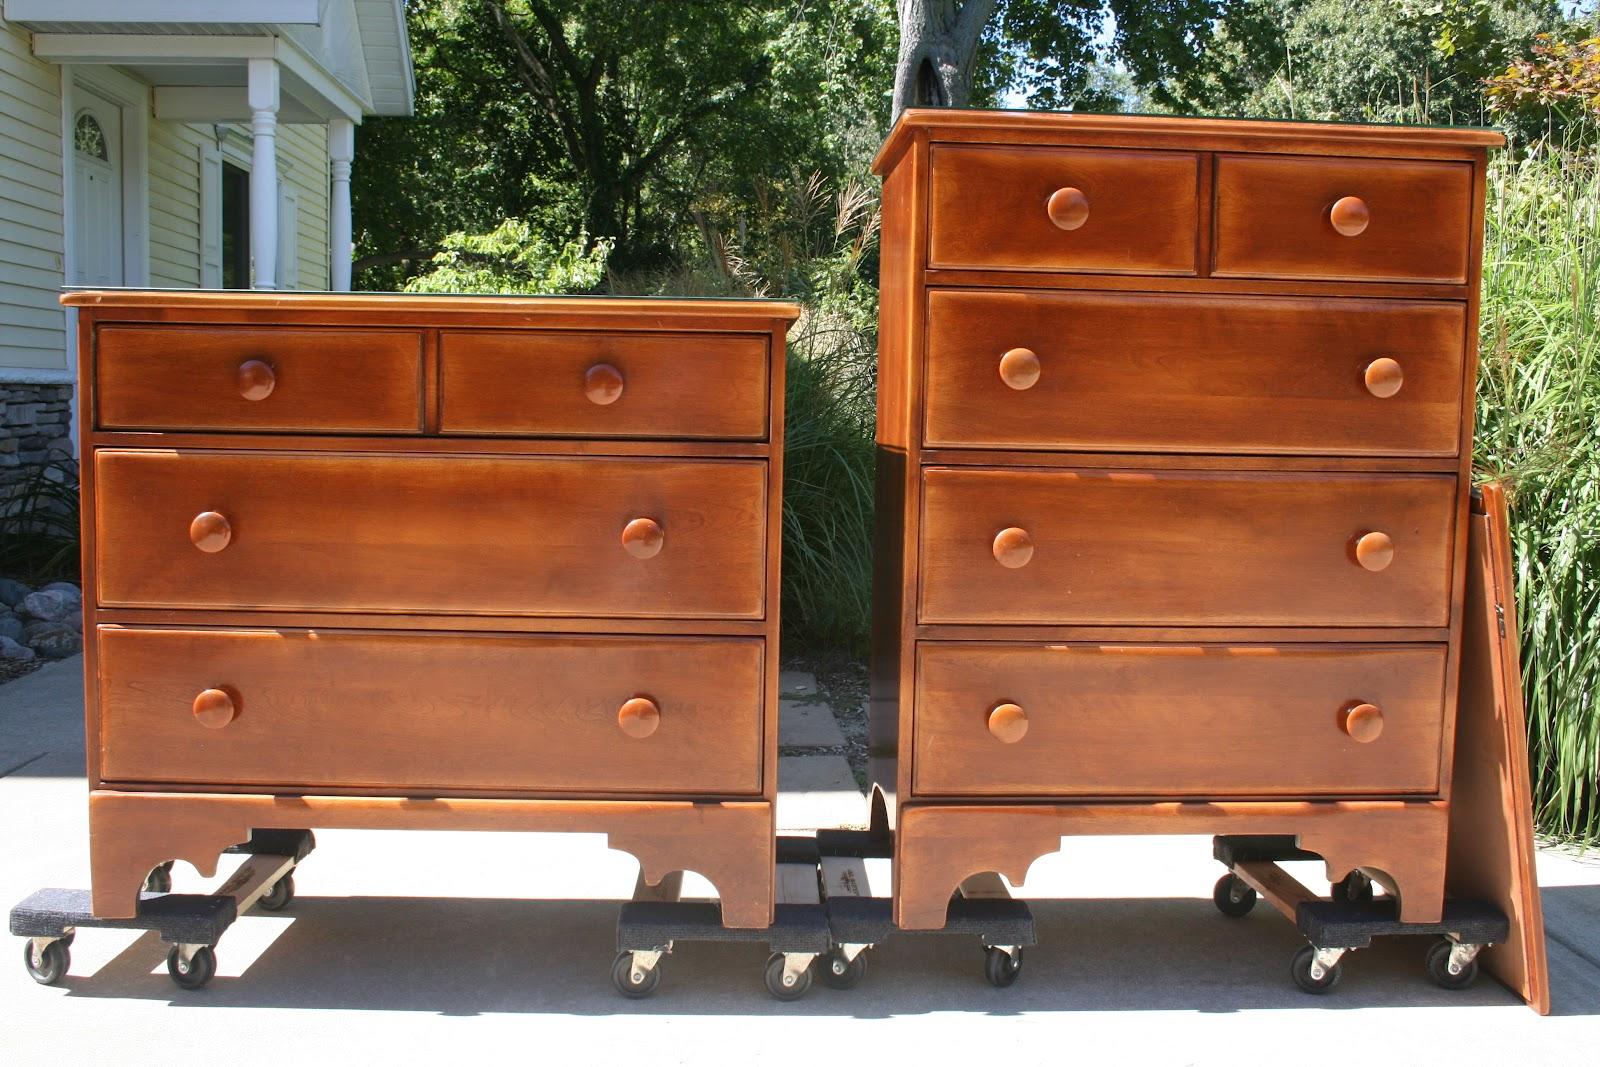 maple bedroom furniture 1950 maple bedroom furniture 1950 maple bedroom furniture 1950s. Black Bedroom Furniture Sets. Home Design Ideas